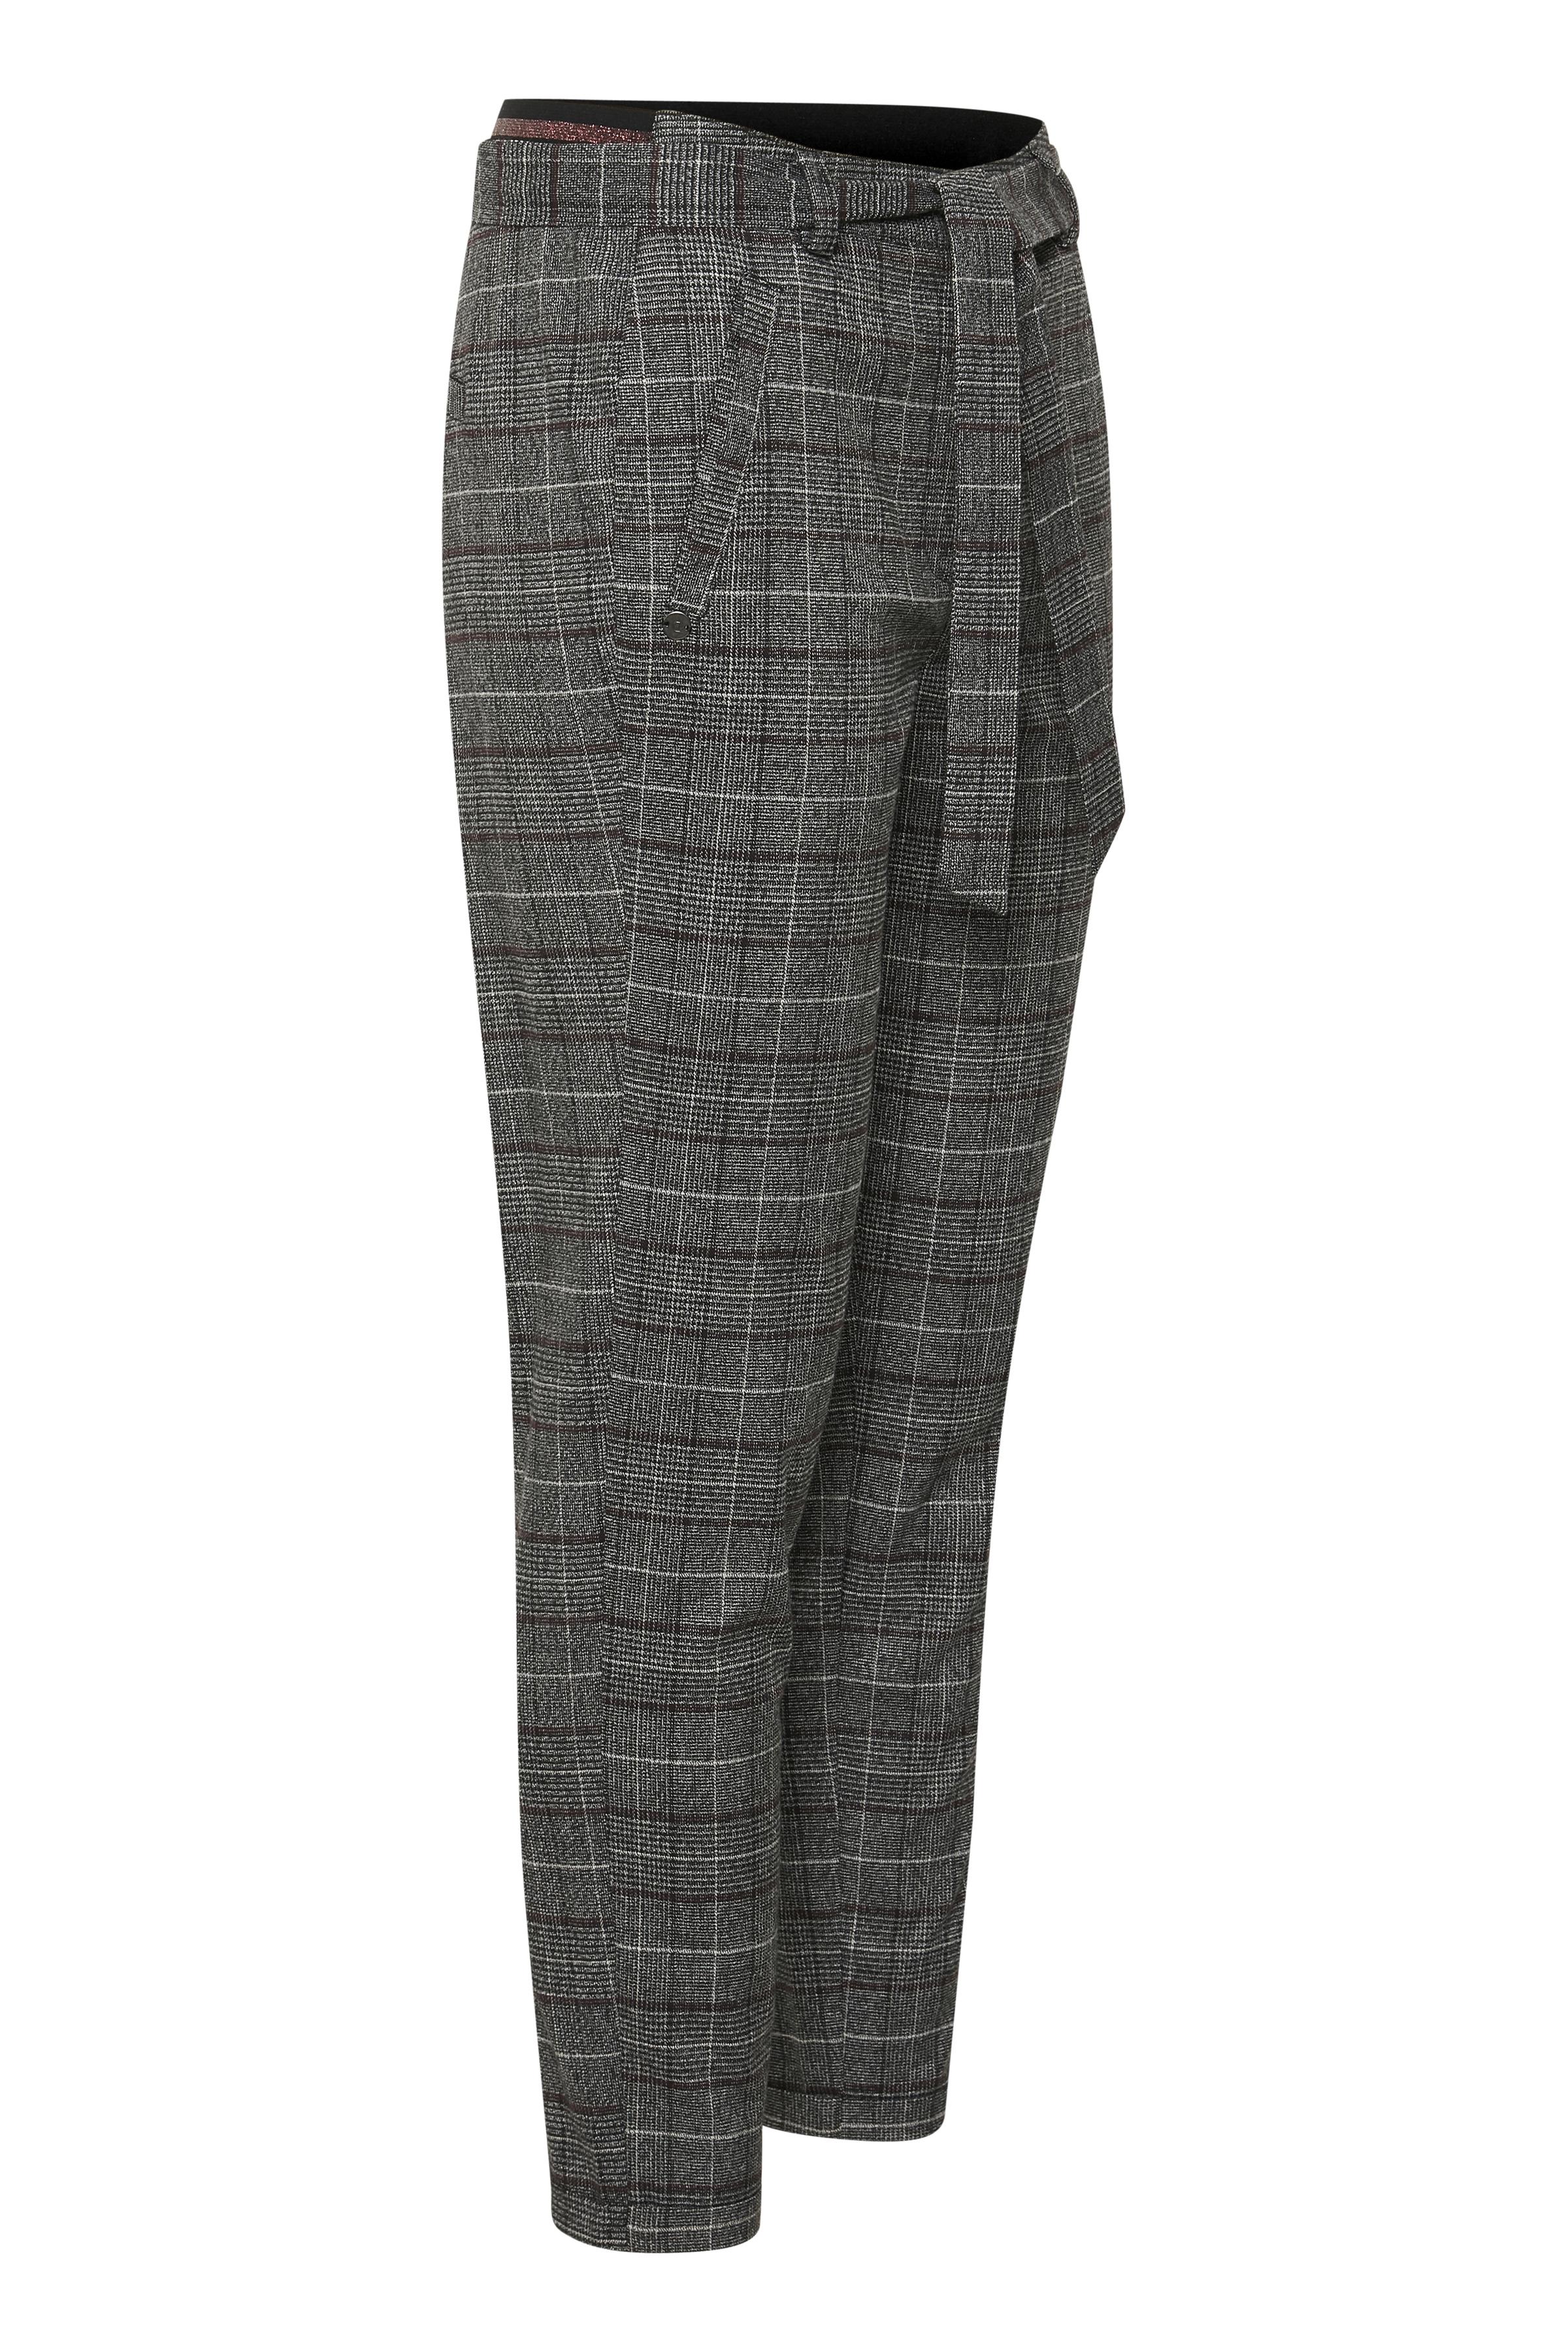 Sort/hvid Casual bukser fra Dranella – Køb Sort/hvid Casual bukser fra str. 32-46 her